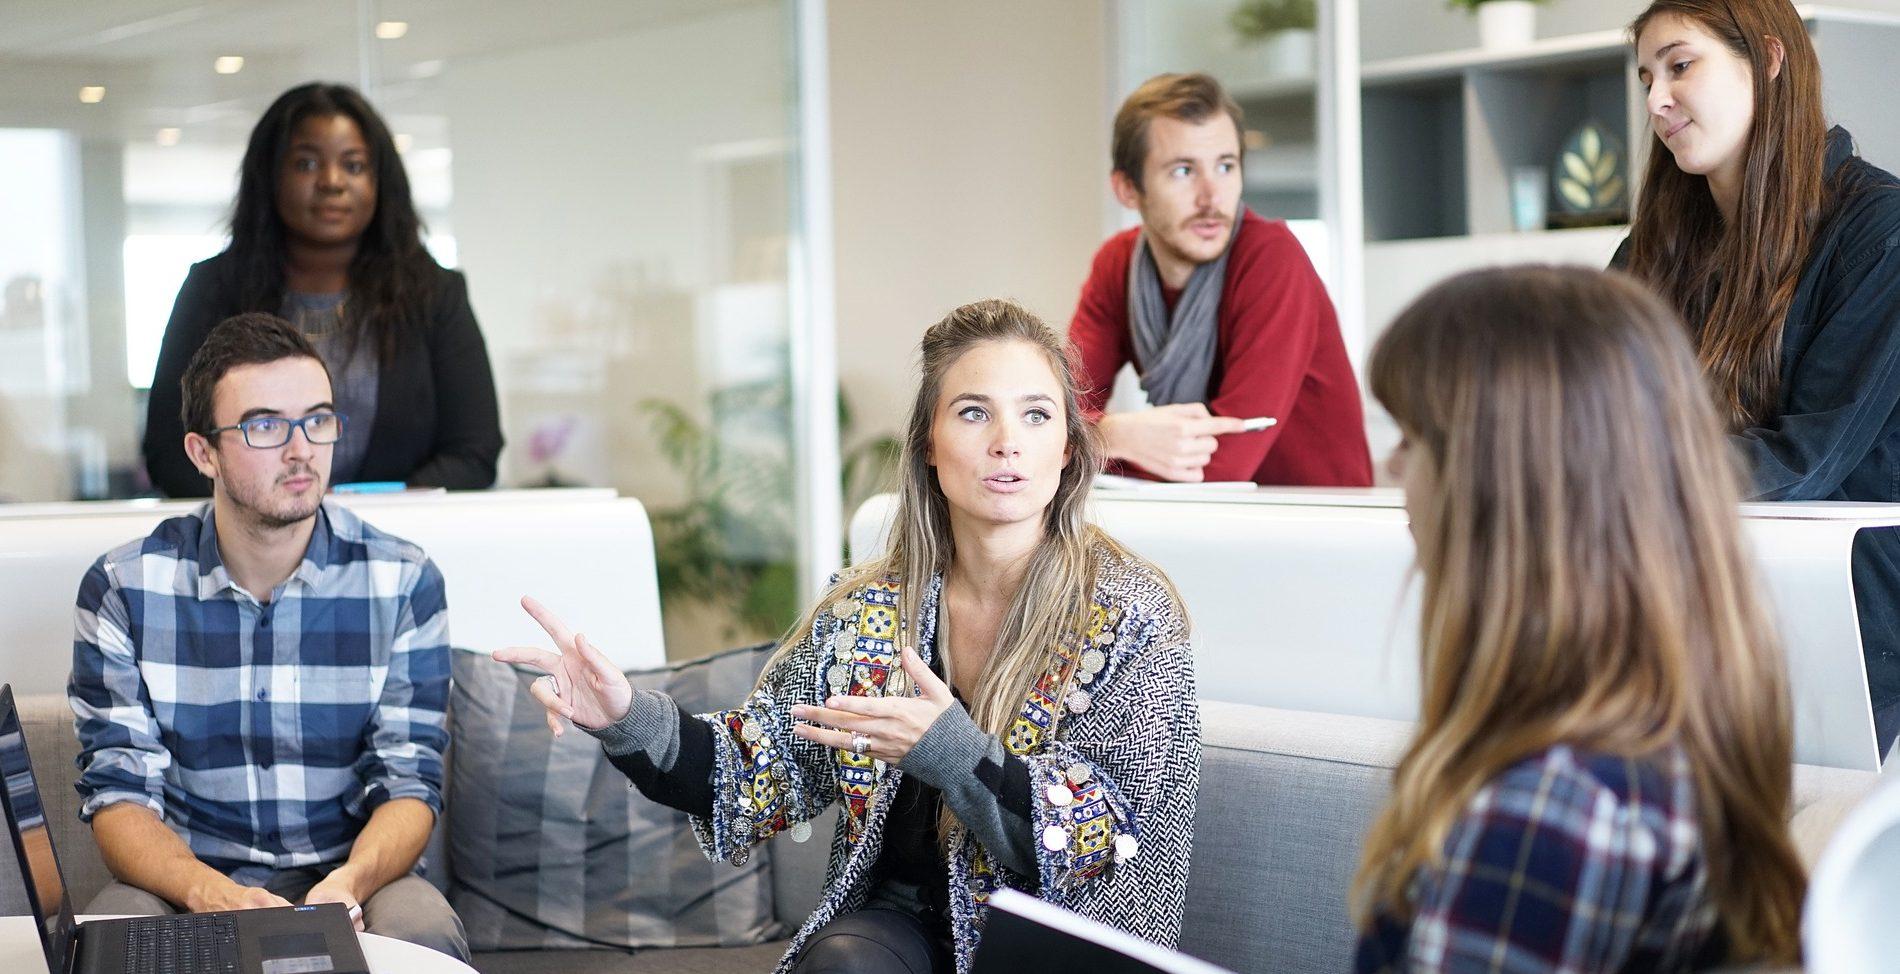 Agency Digital Skills Gap meeting